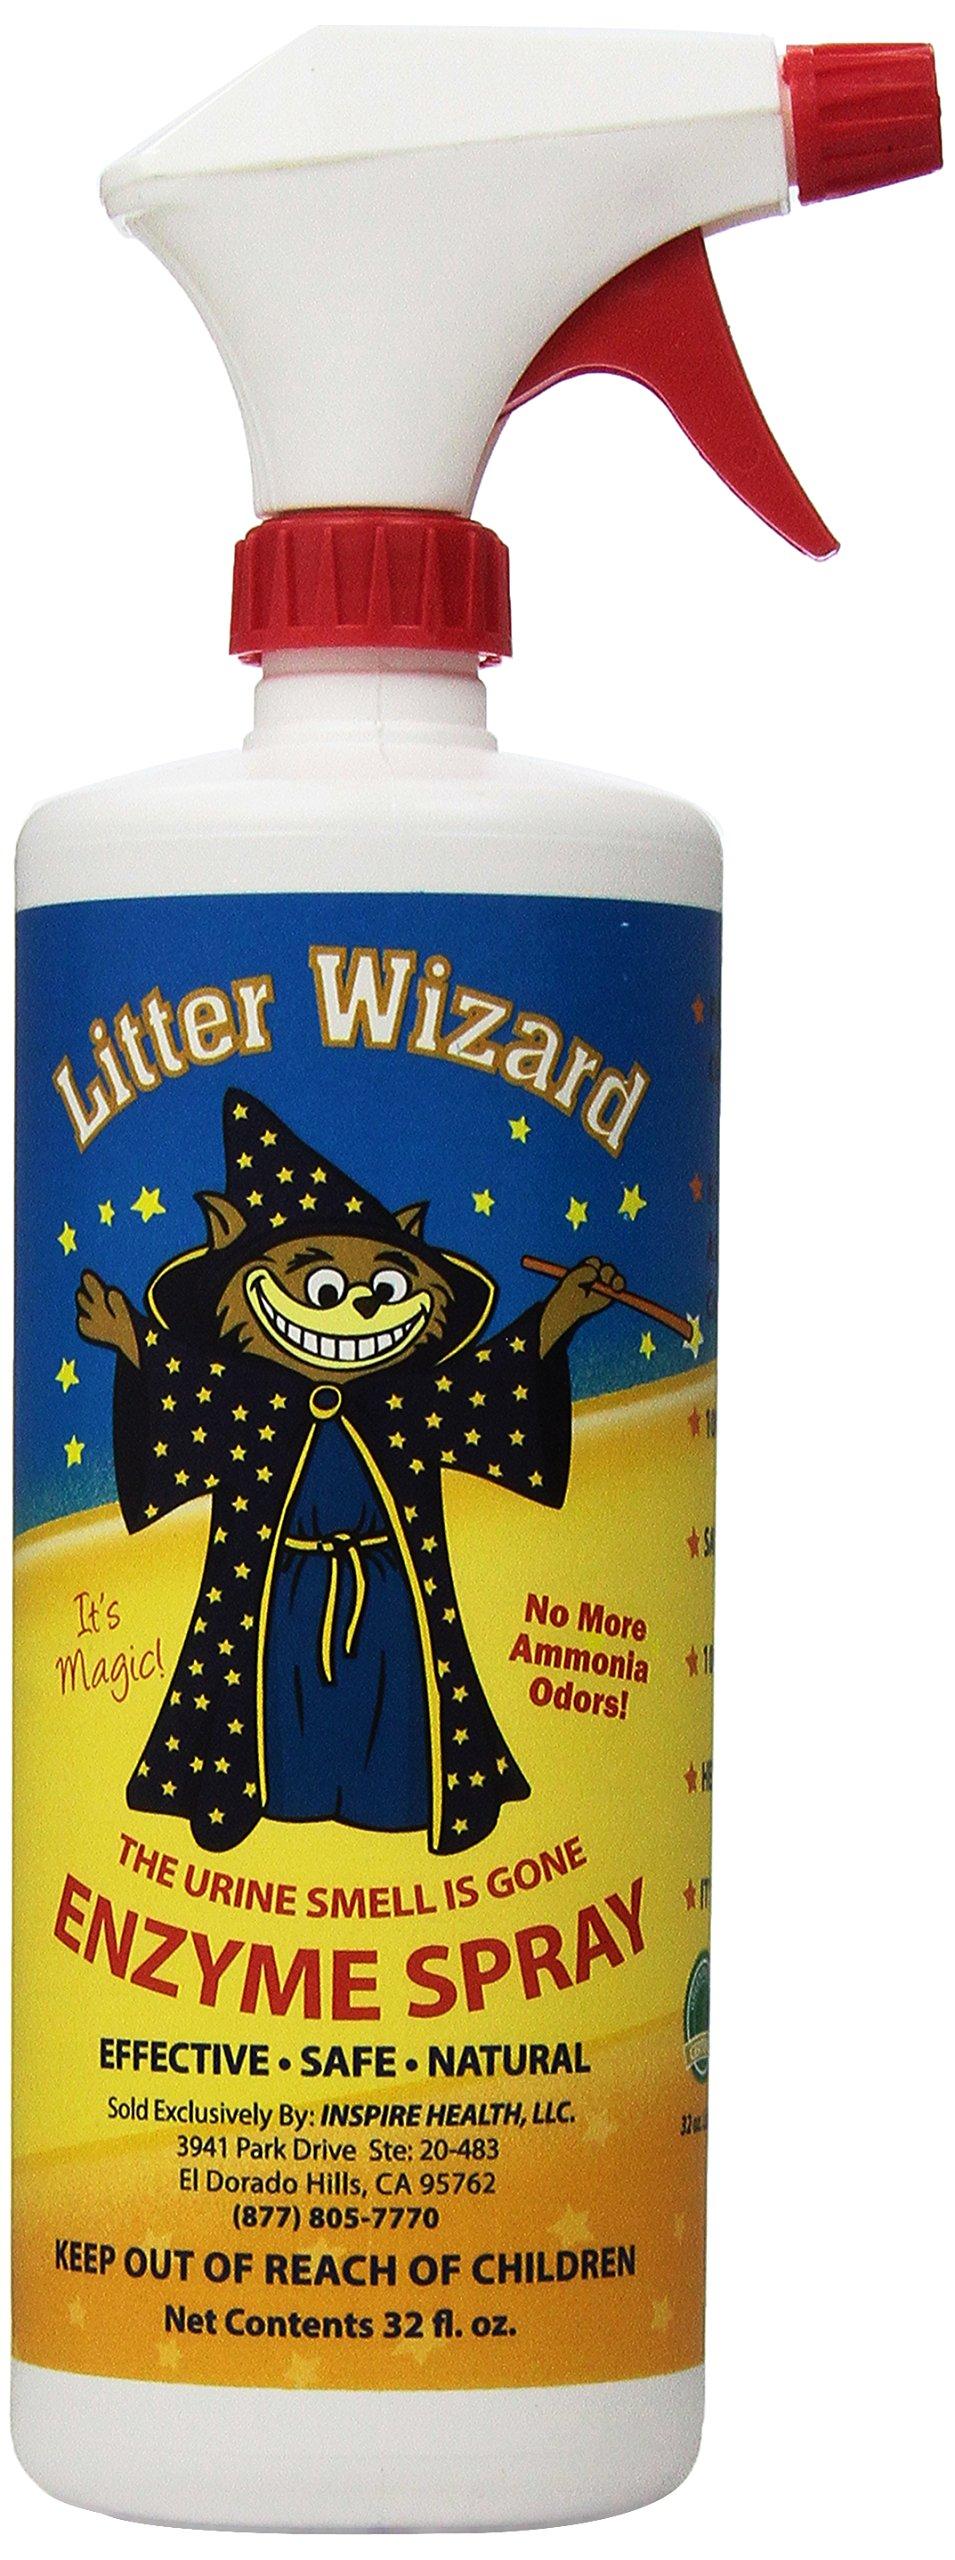 Litter Wizard System Cat Litter Box Deodorizer Spray, 32 Fluid Ounce